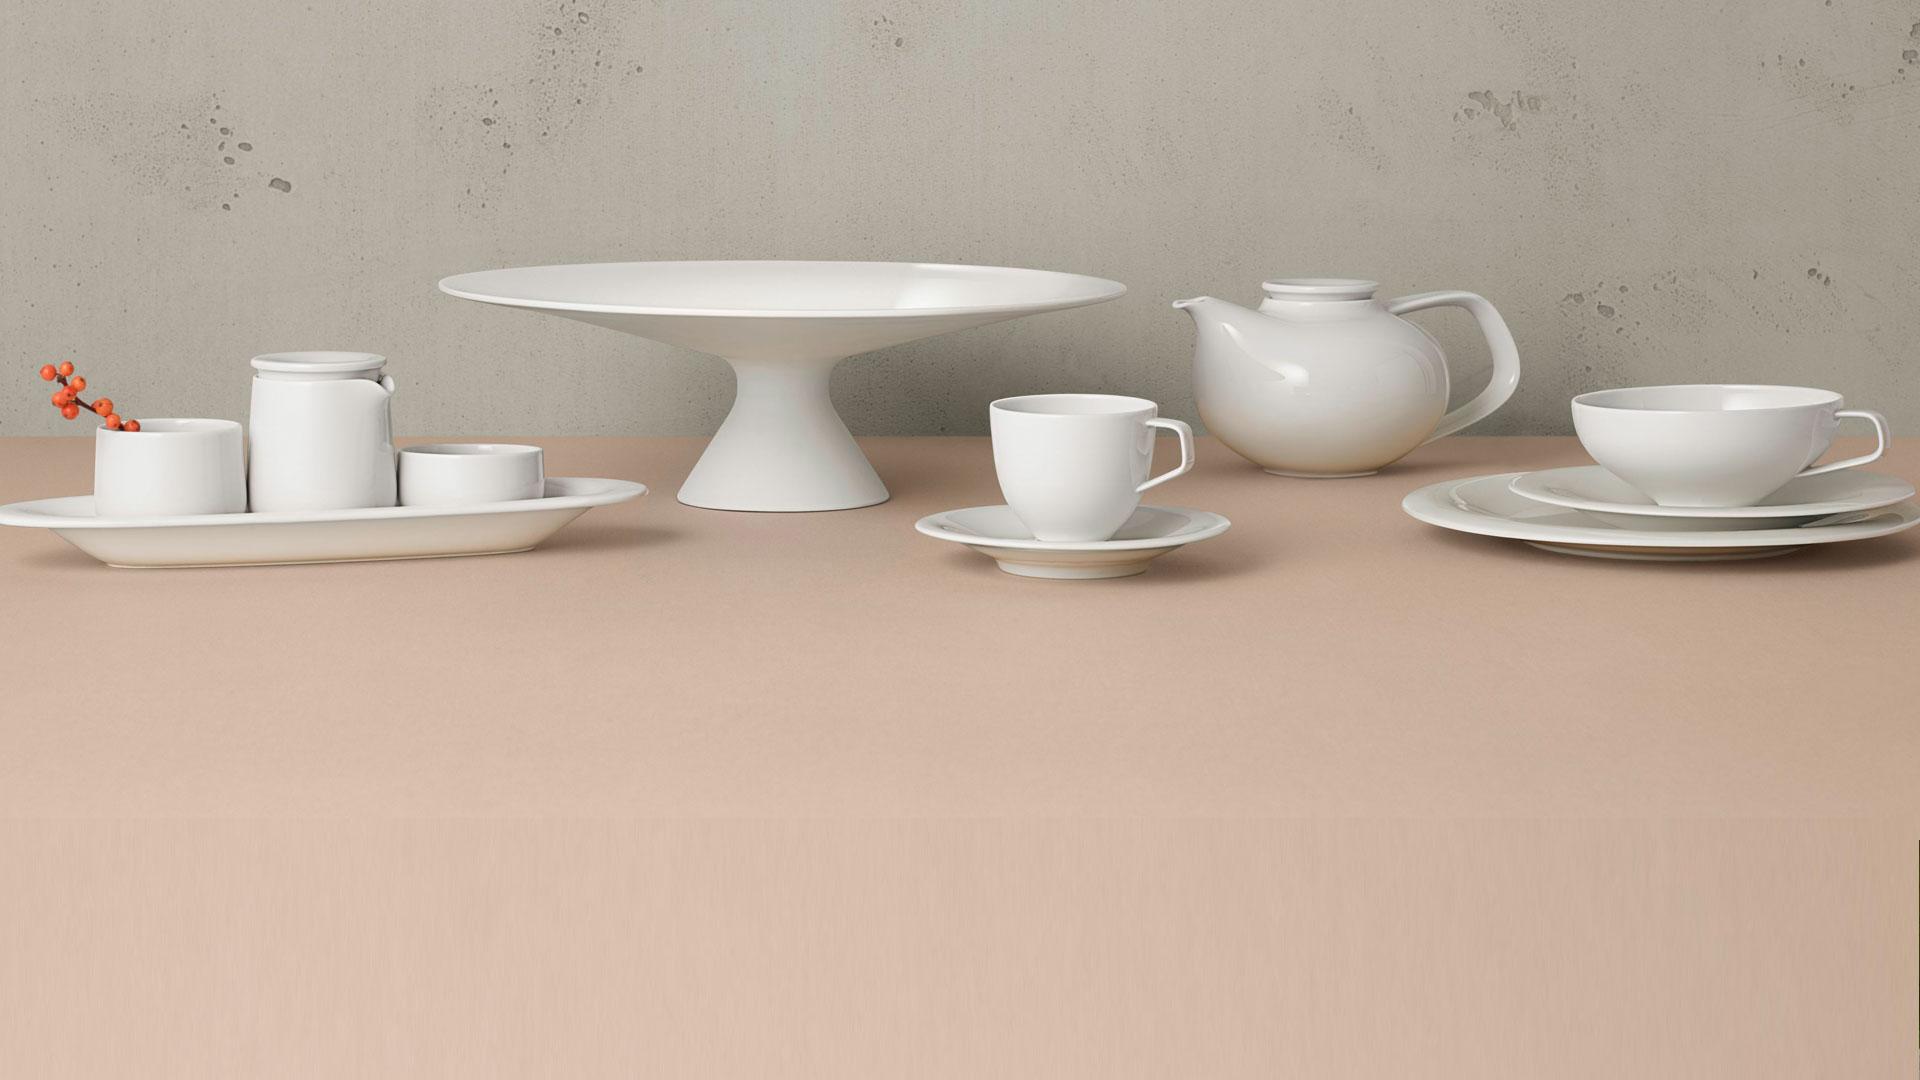 Aufsicht auf einen Tisch mit drei Tellern